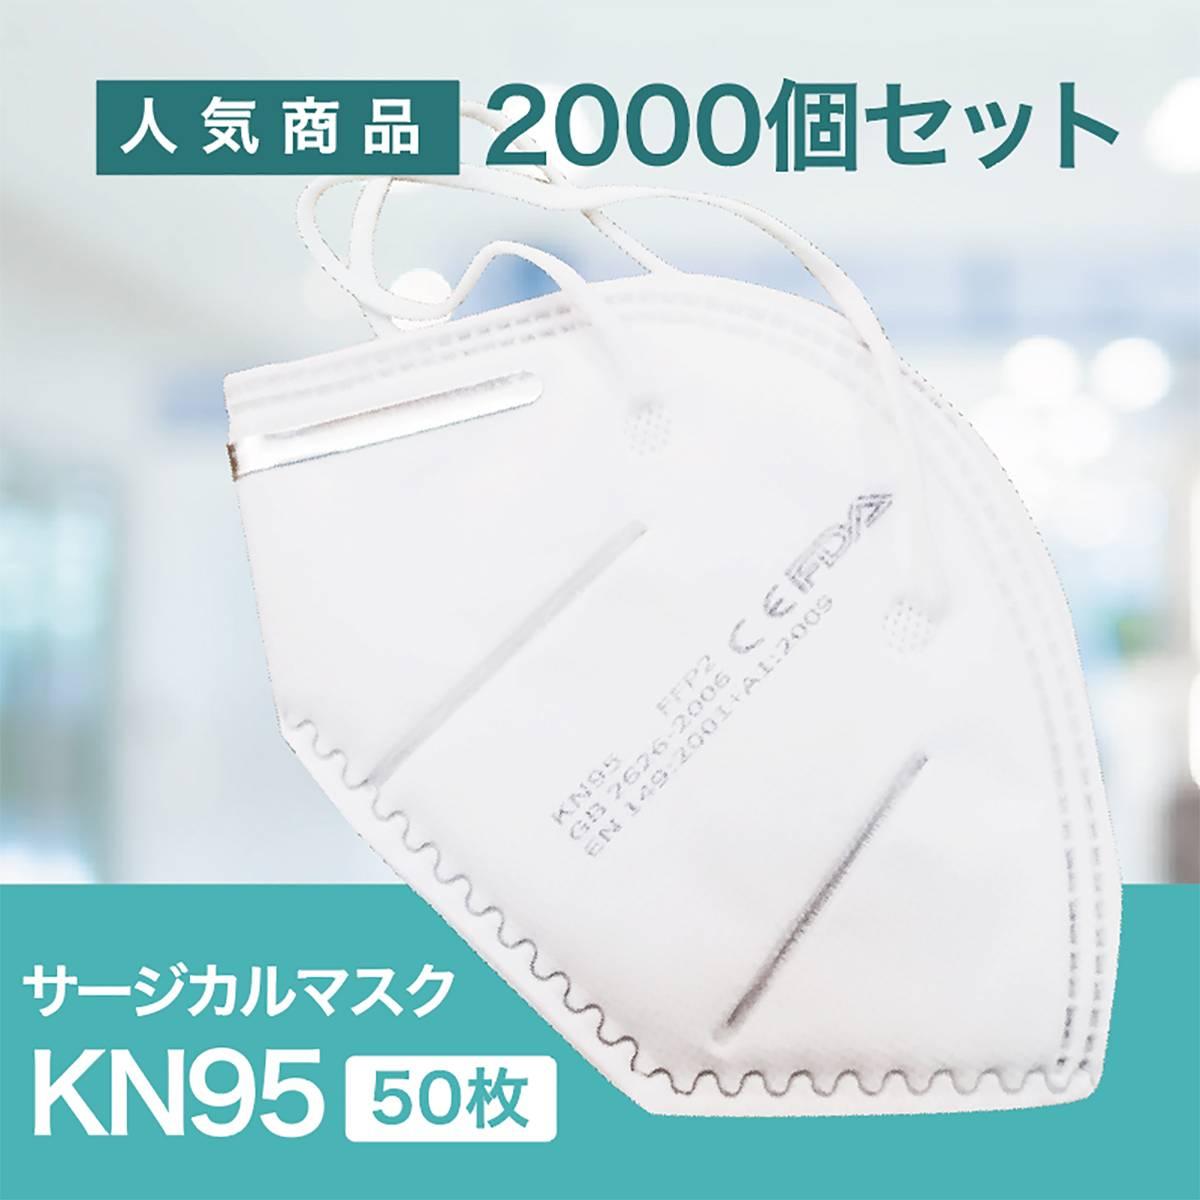 人気商品 KN95(2000個セット100000枚)【CE認証】/1枚¥200